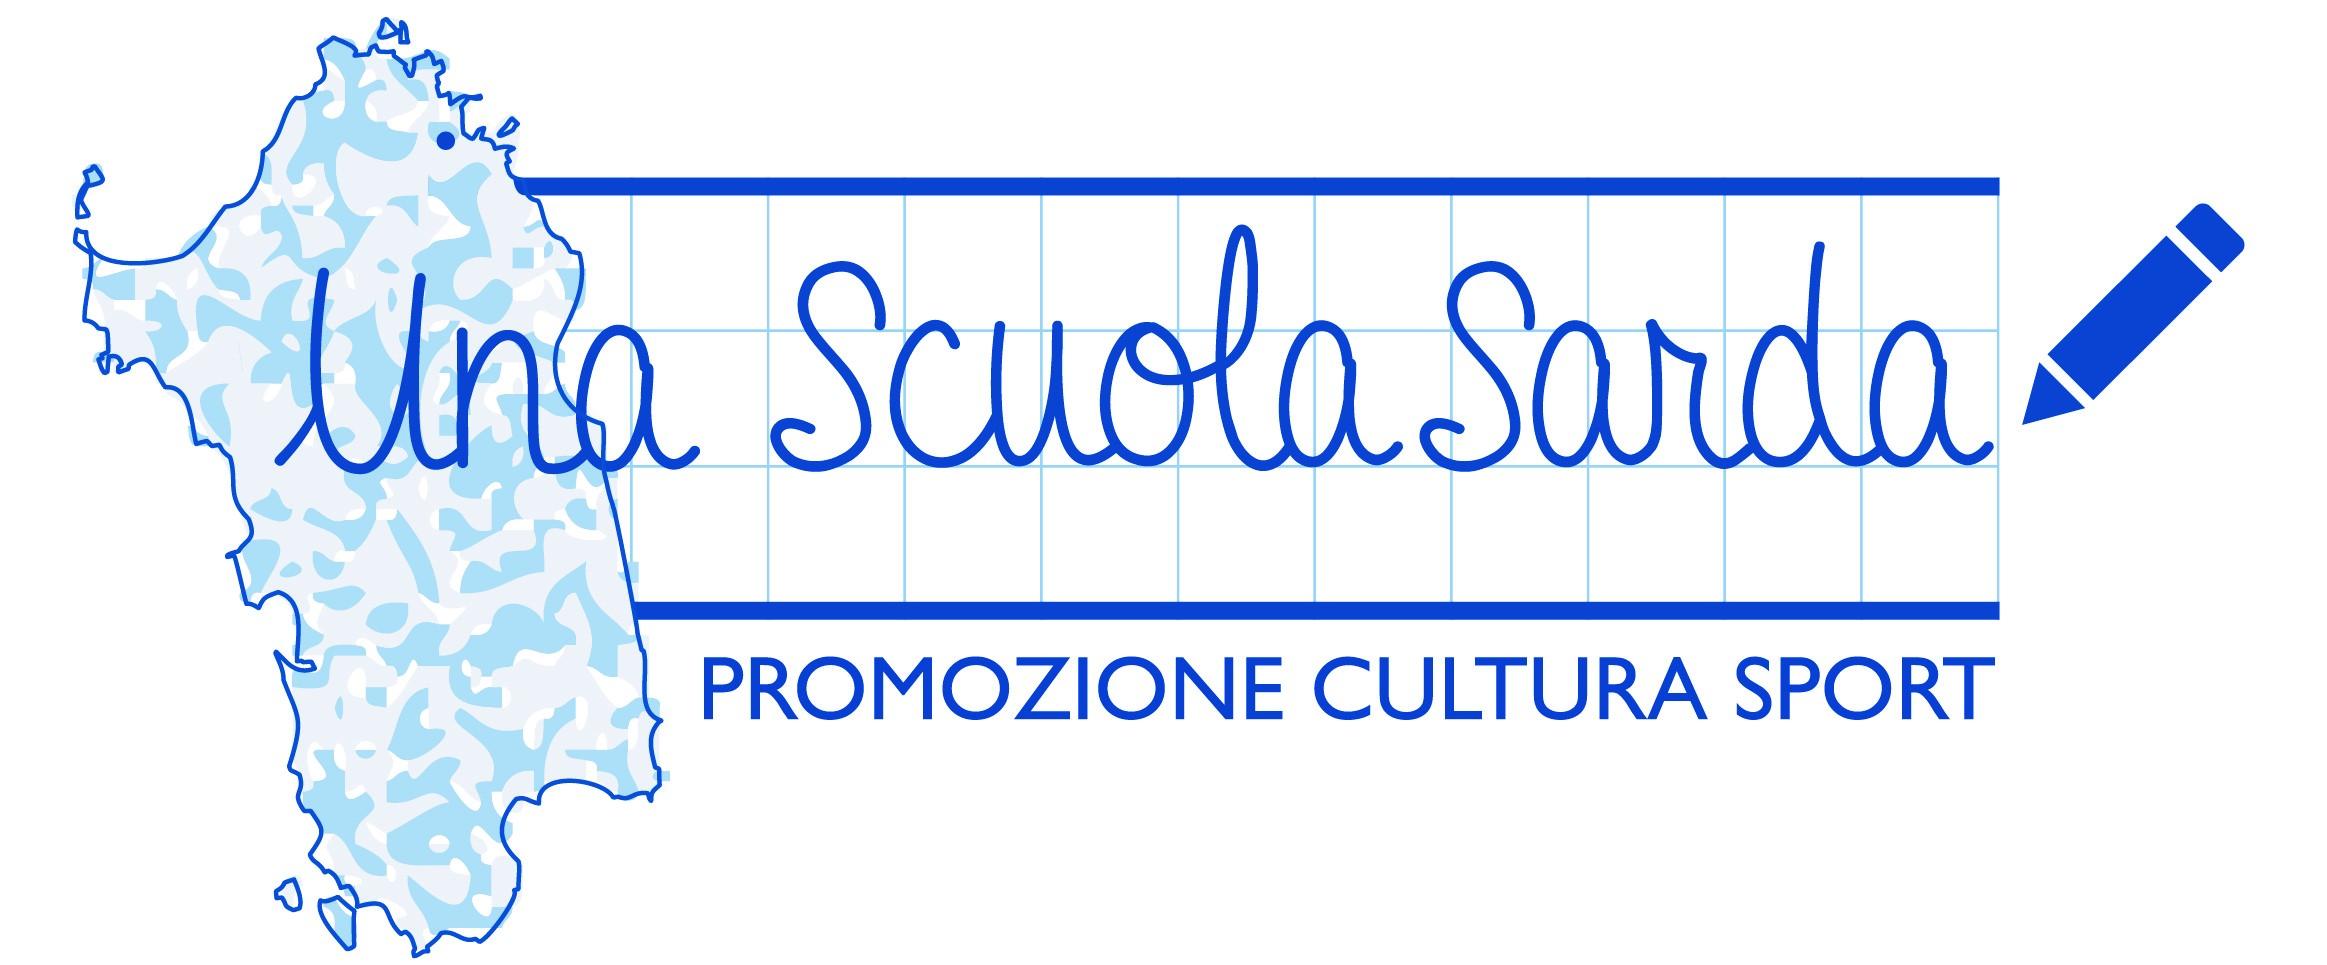 UNA SCUOLA SARDA - Organizzazione di Eventi